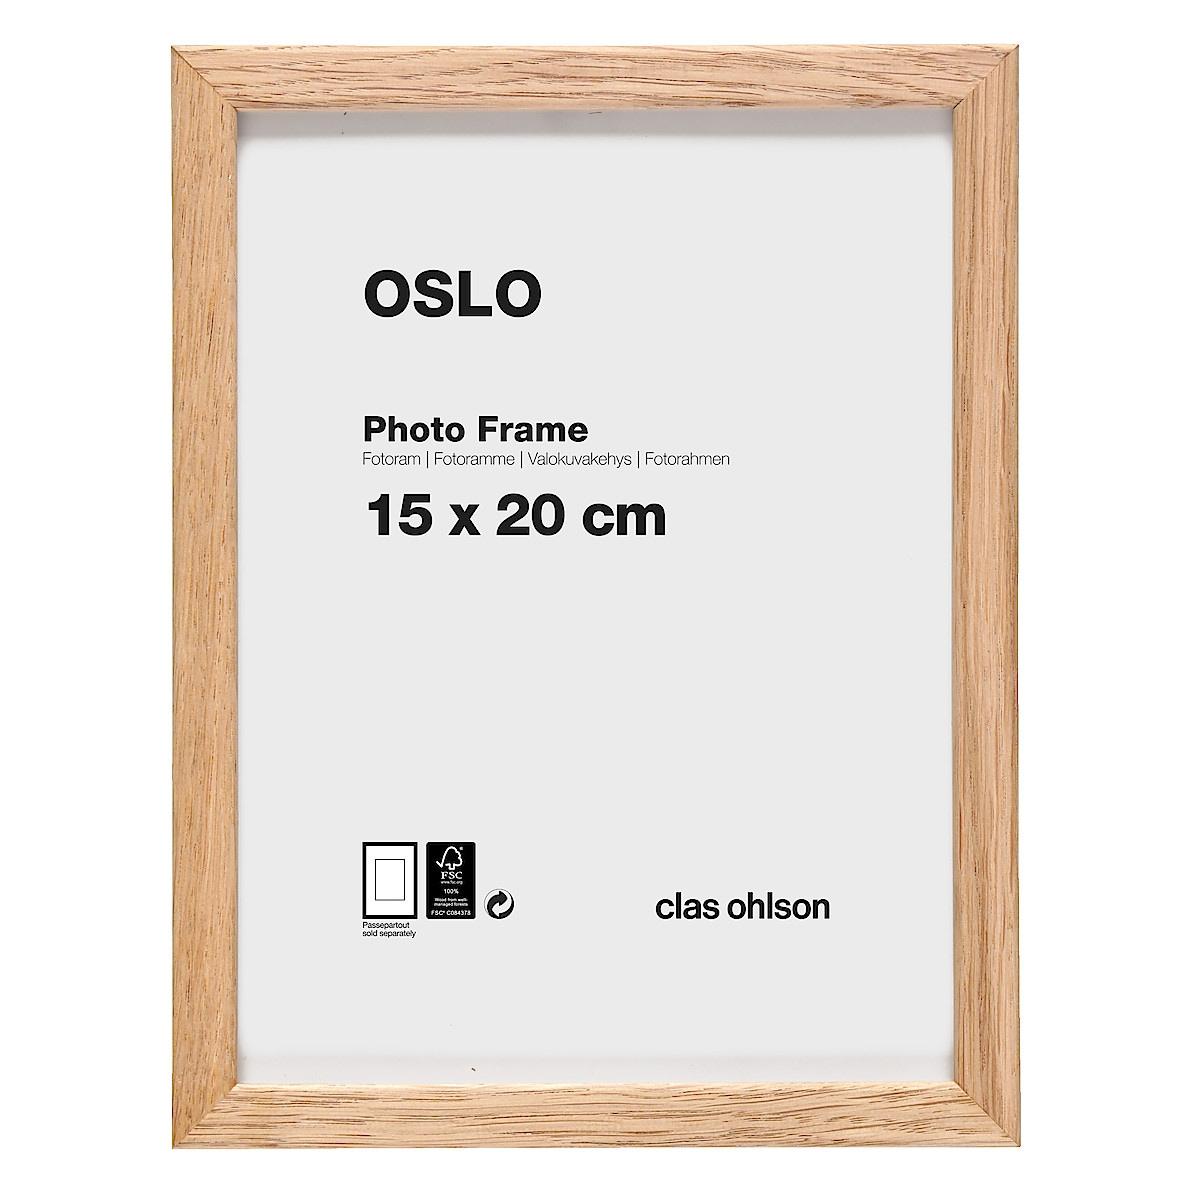 Fotoram Oslo, ek